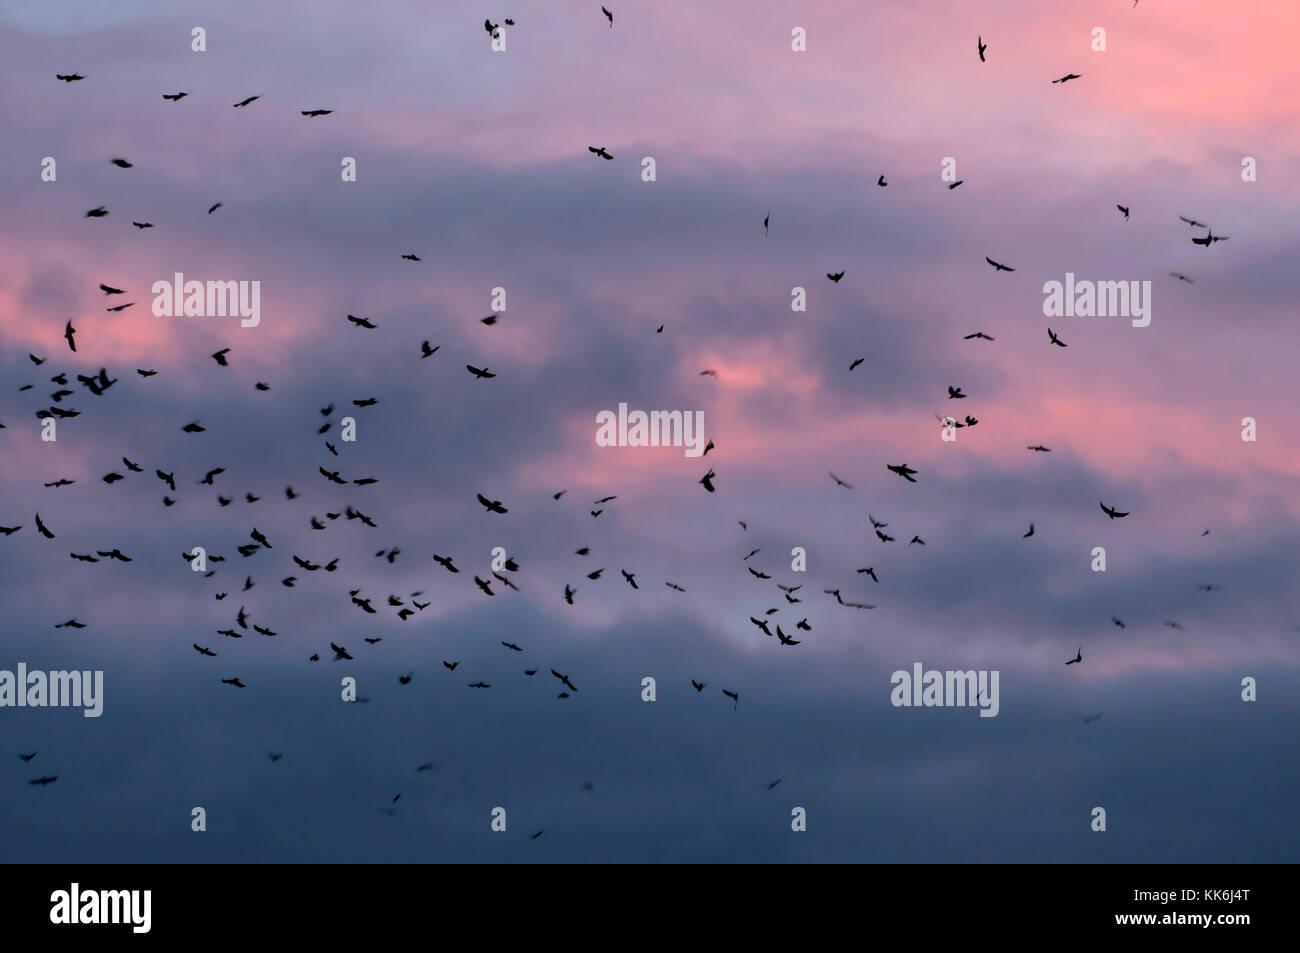 Spatzennest bei Sonnenuntergang Stockbild